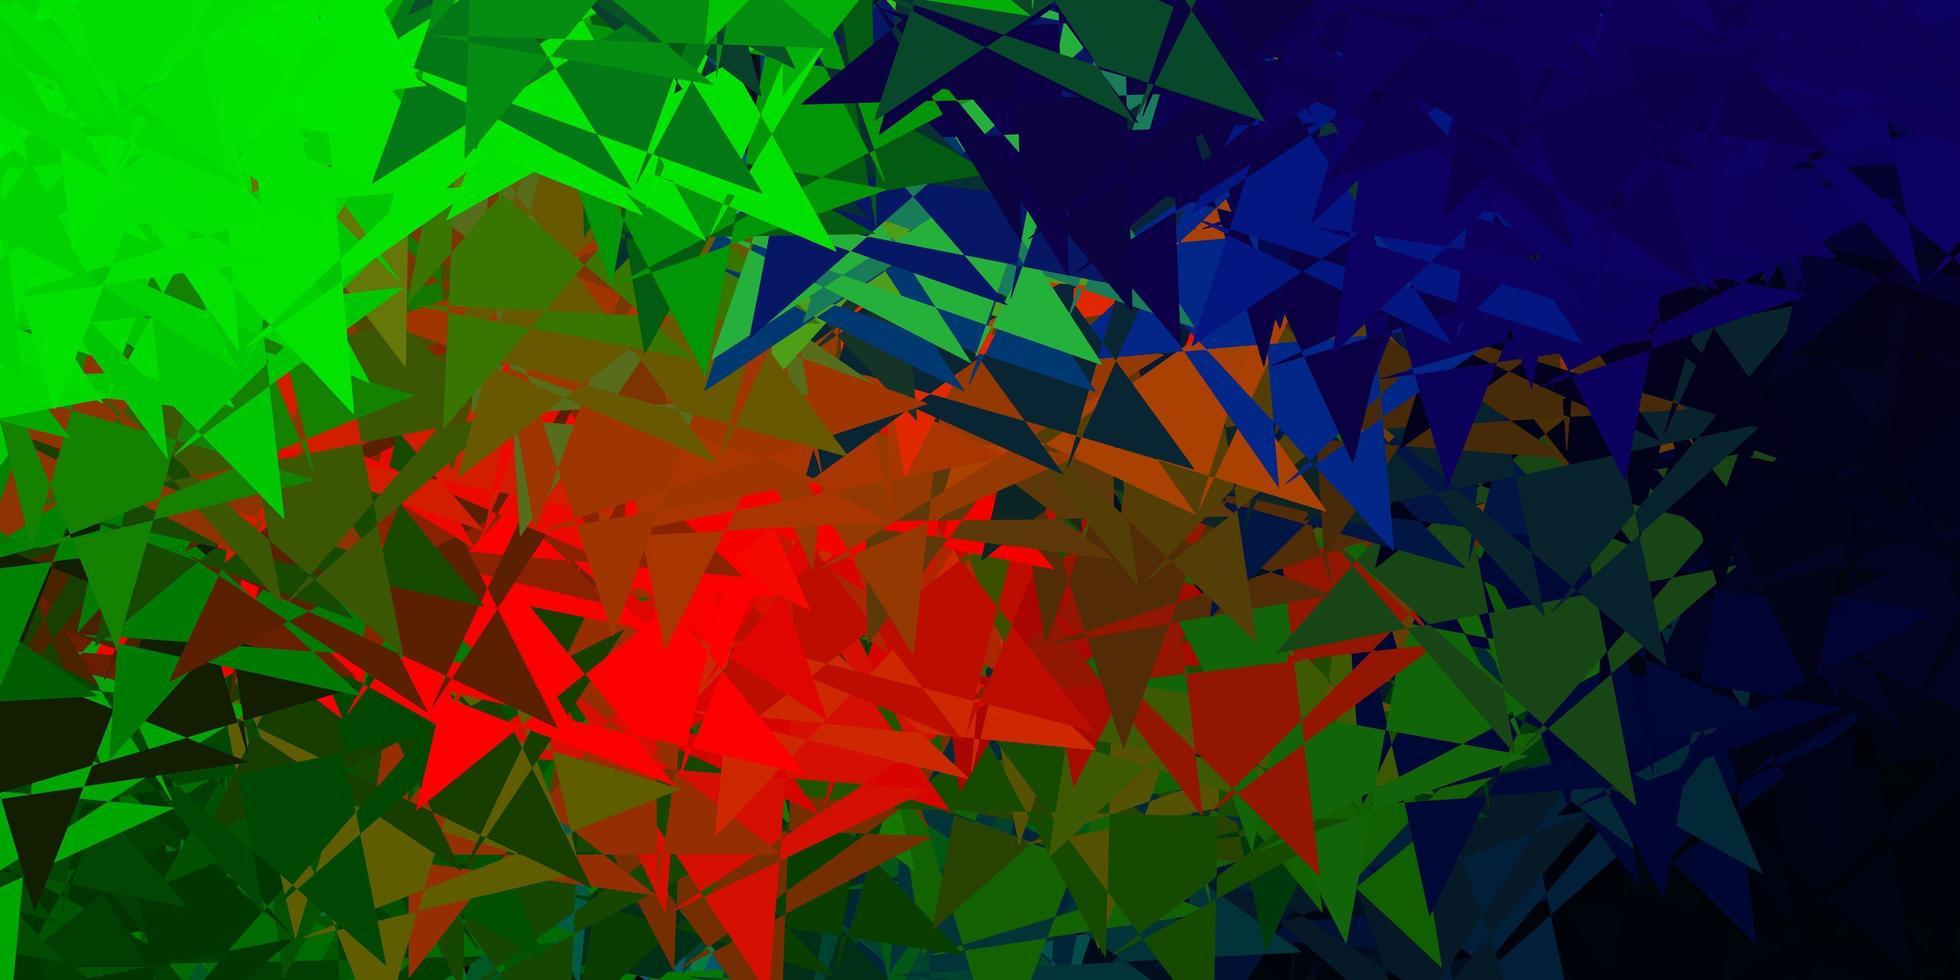 fond de vecteur multicolore sombre avec des triangles.